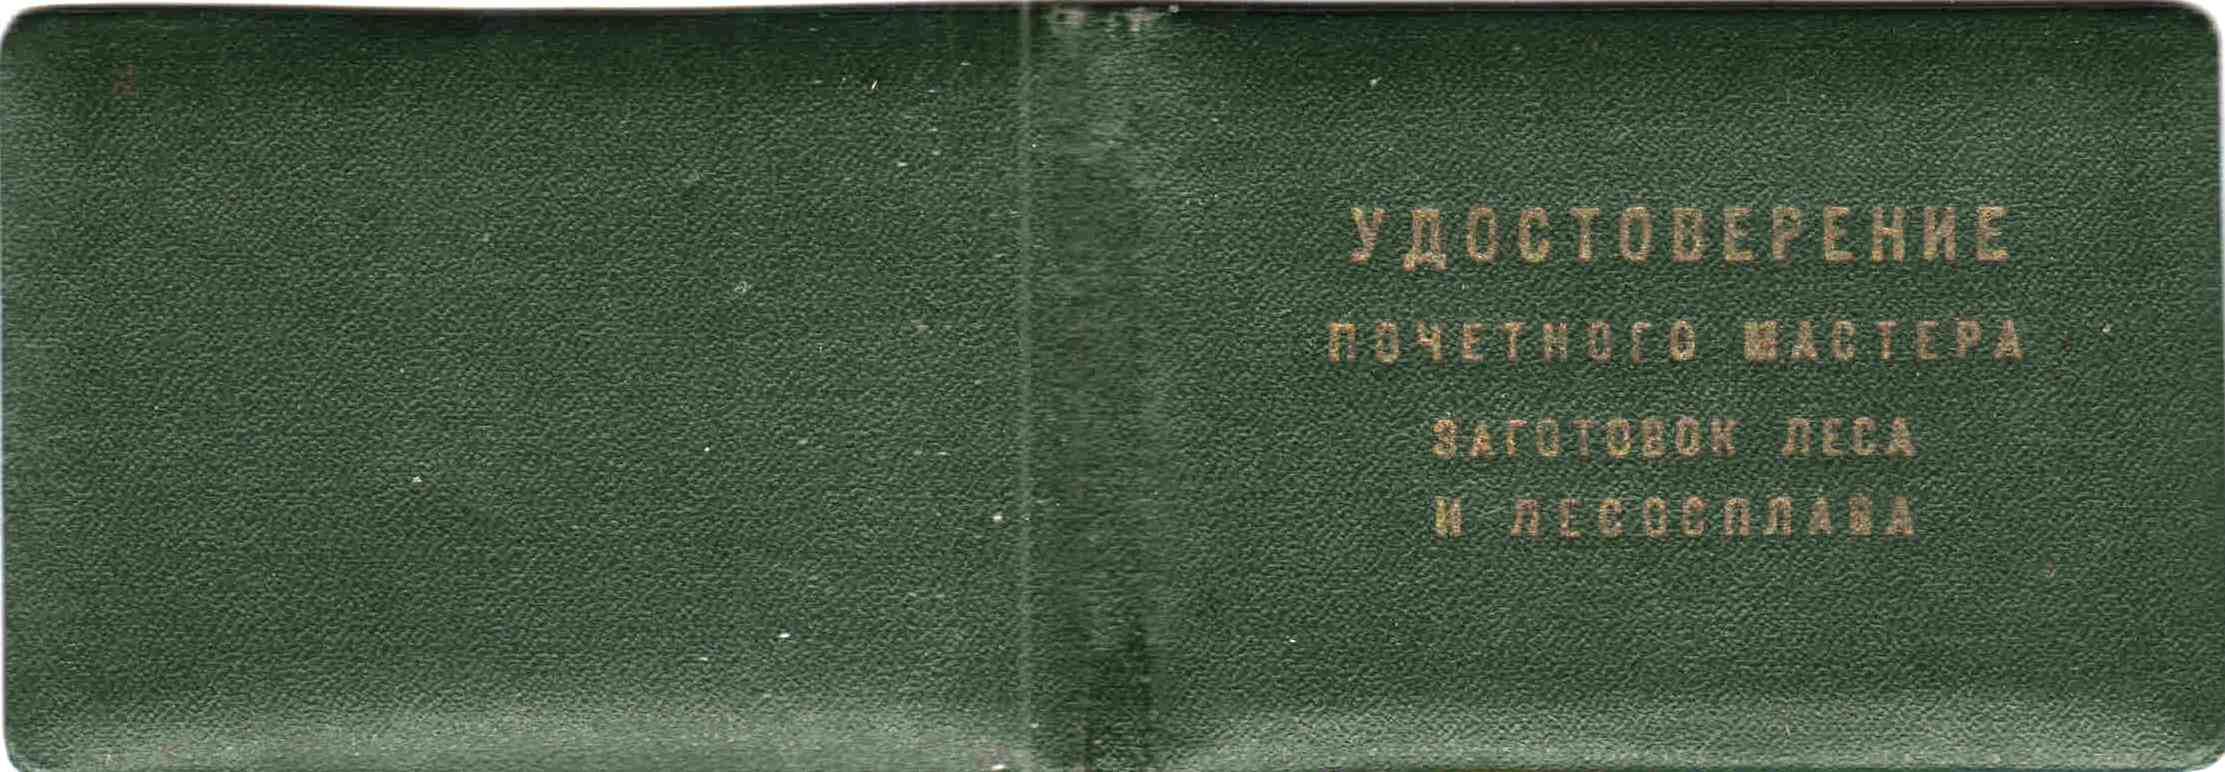 43. Удостоверение Почетного мастера заготовок леса и лесосплава, 1969